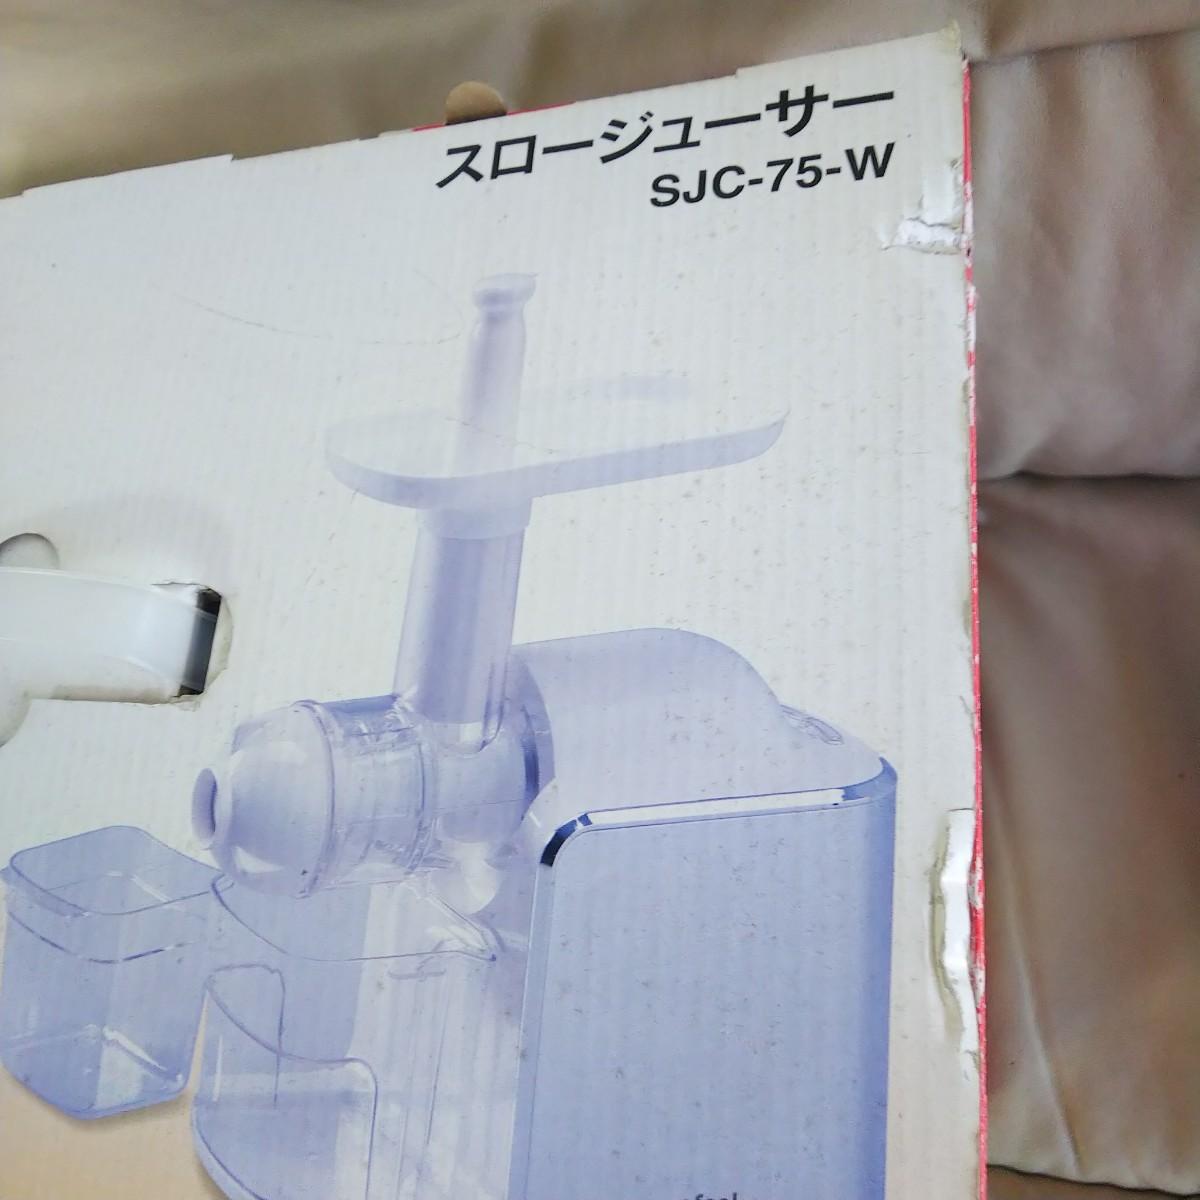 スロージューサー アイリスオーヤマ  型番 SJC-75-W